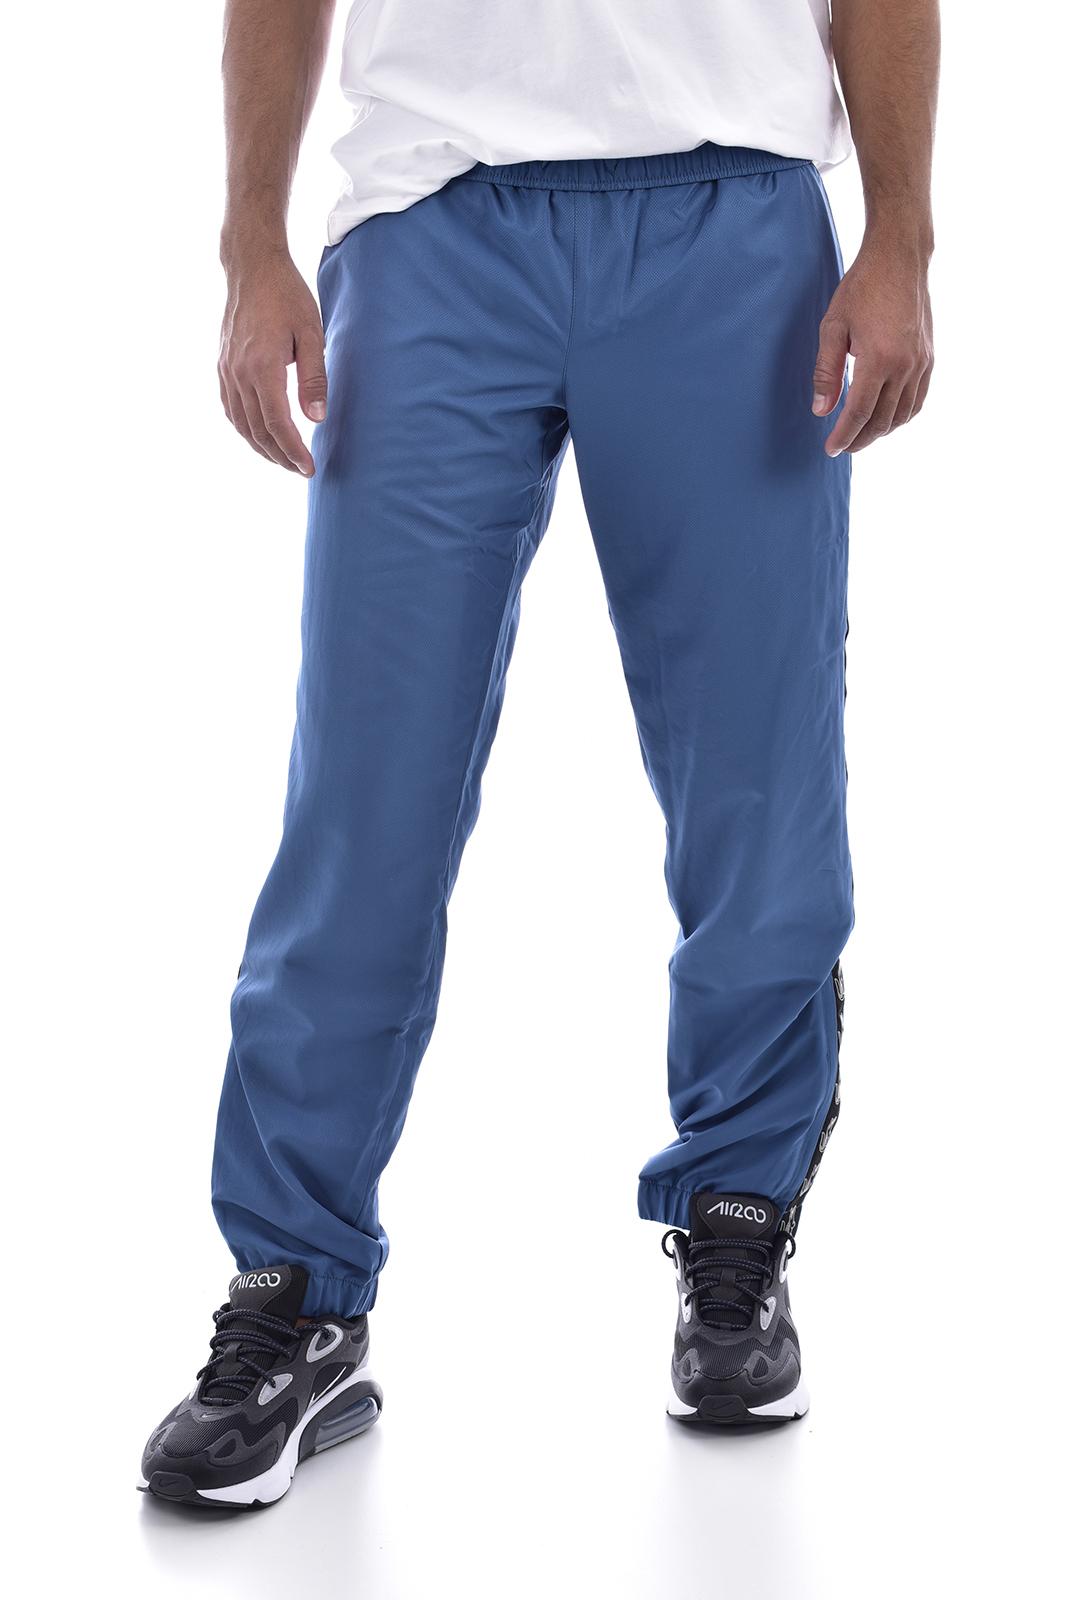 Pantalons sport/streetwear  Lacoste XH3571 006U3